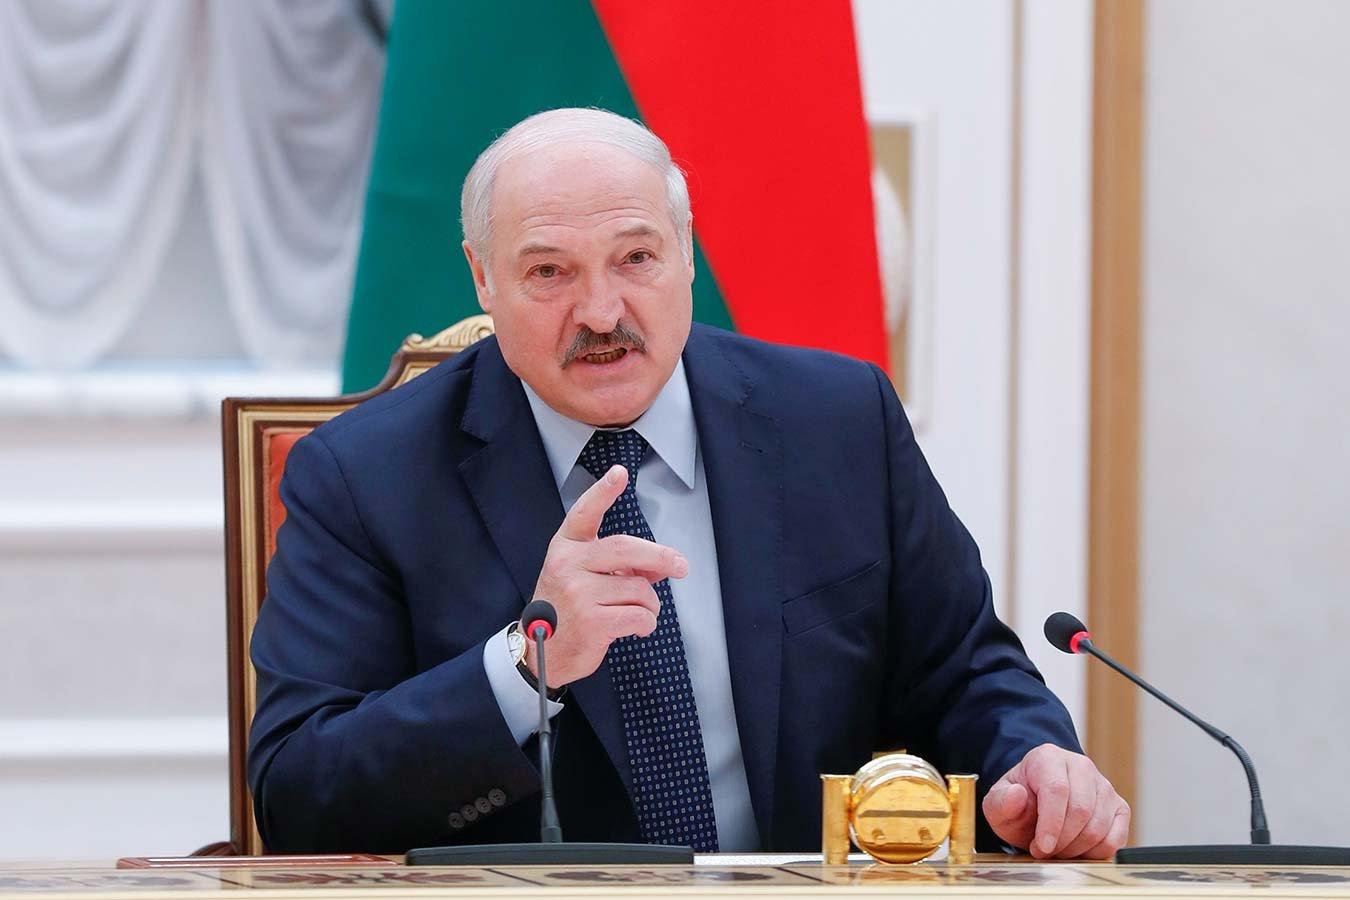 Лукашенко: посмотрите, что творят футболисты, а особенно их жёны! Кому мы деньги платим?!